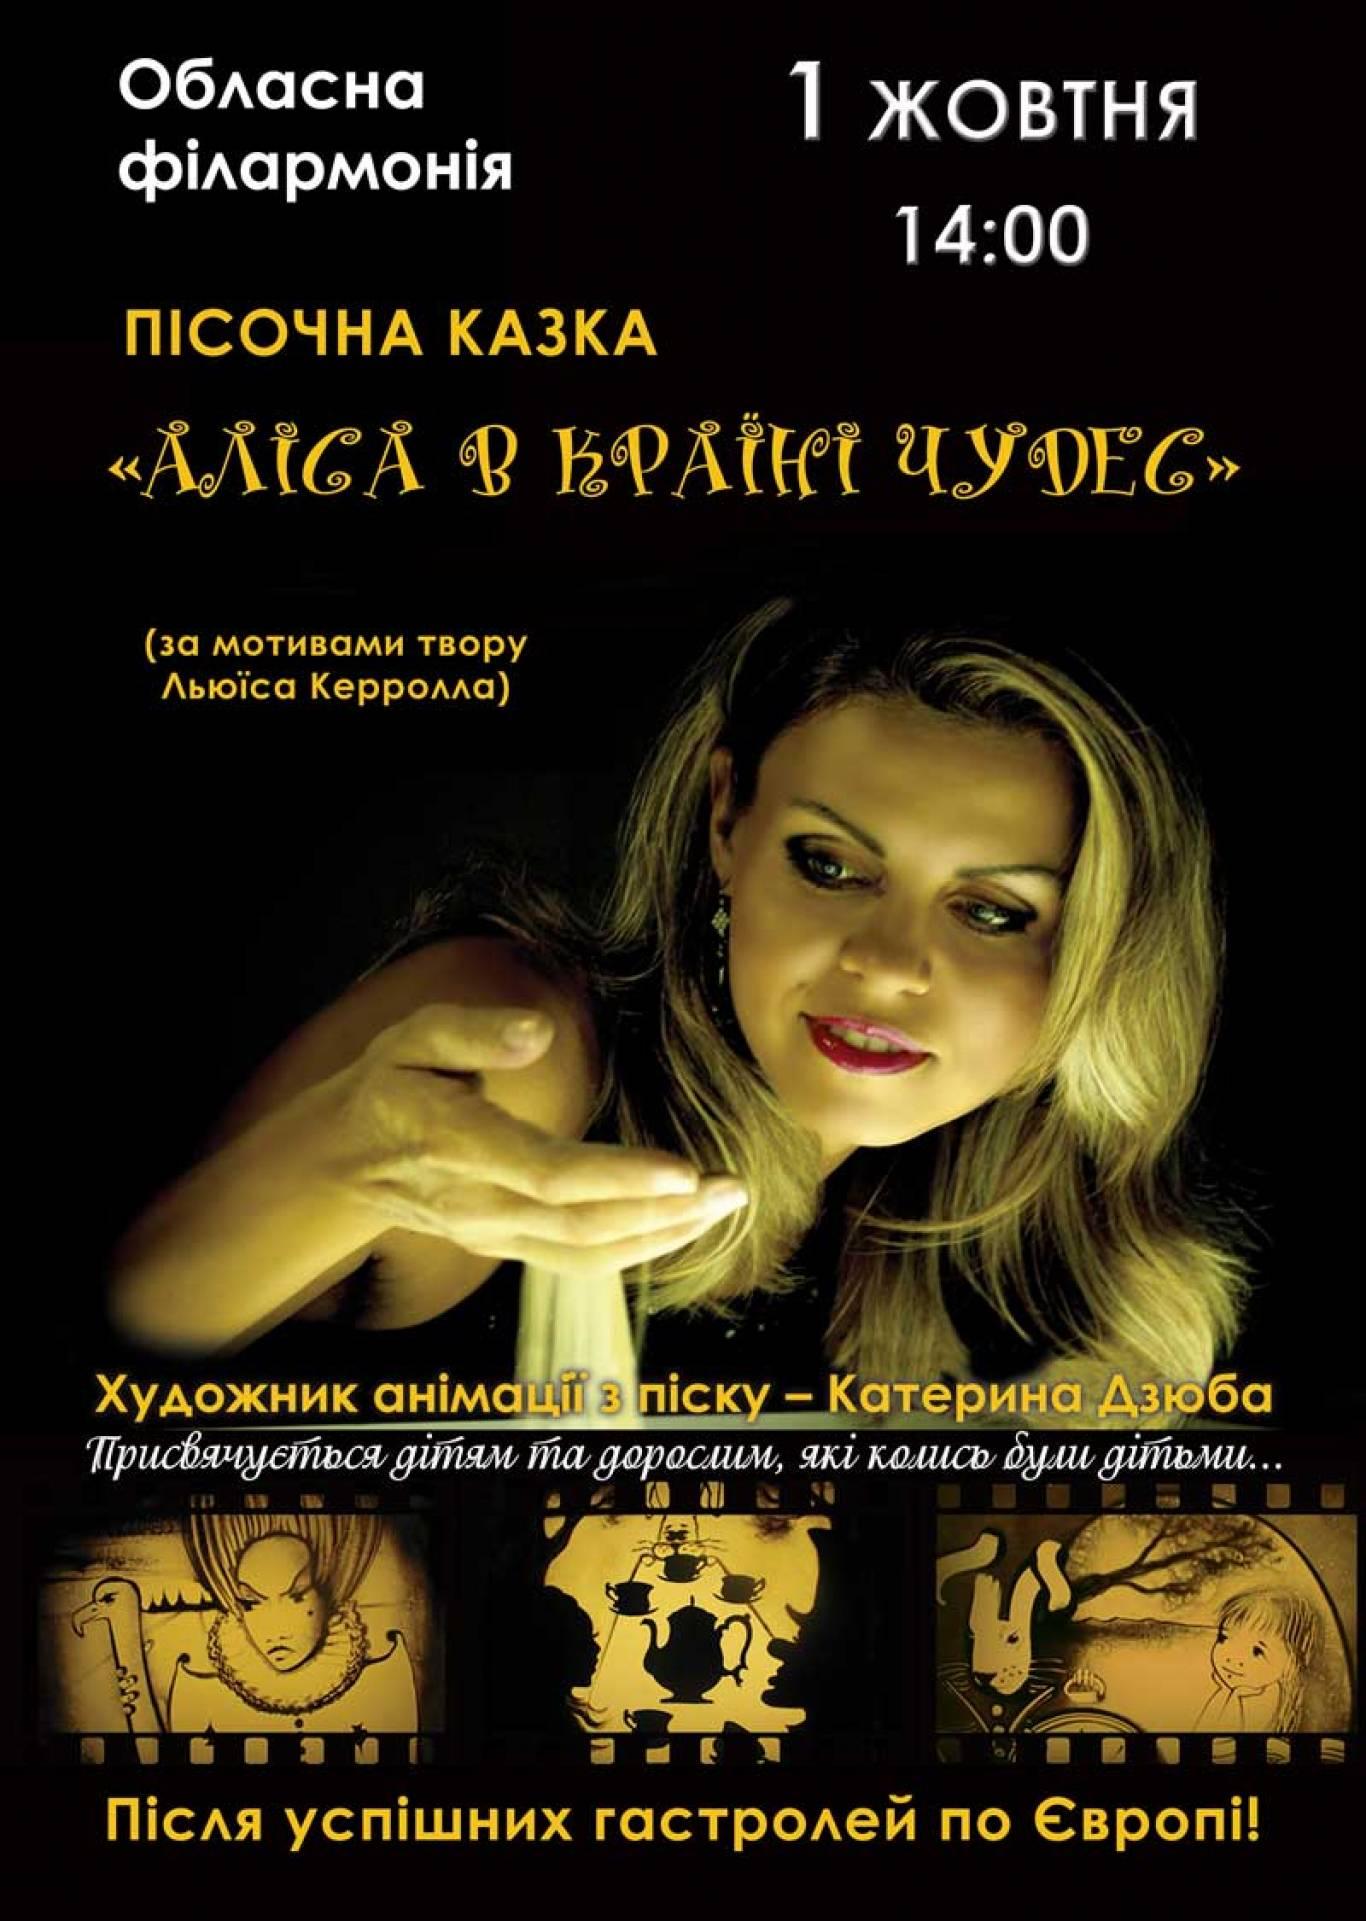 Пісочна казка «Аліса в країні чудес» у Житомирі